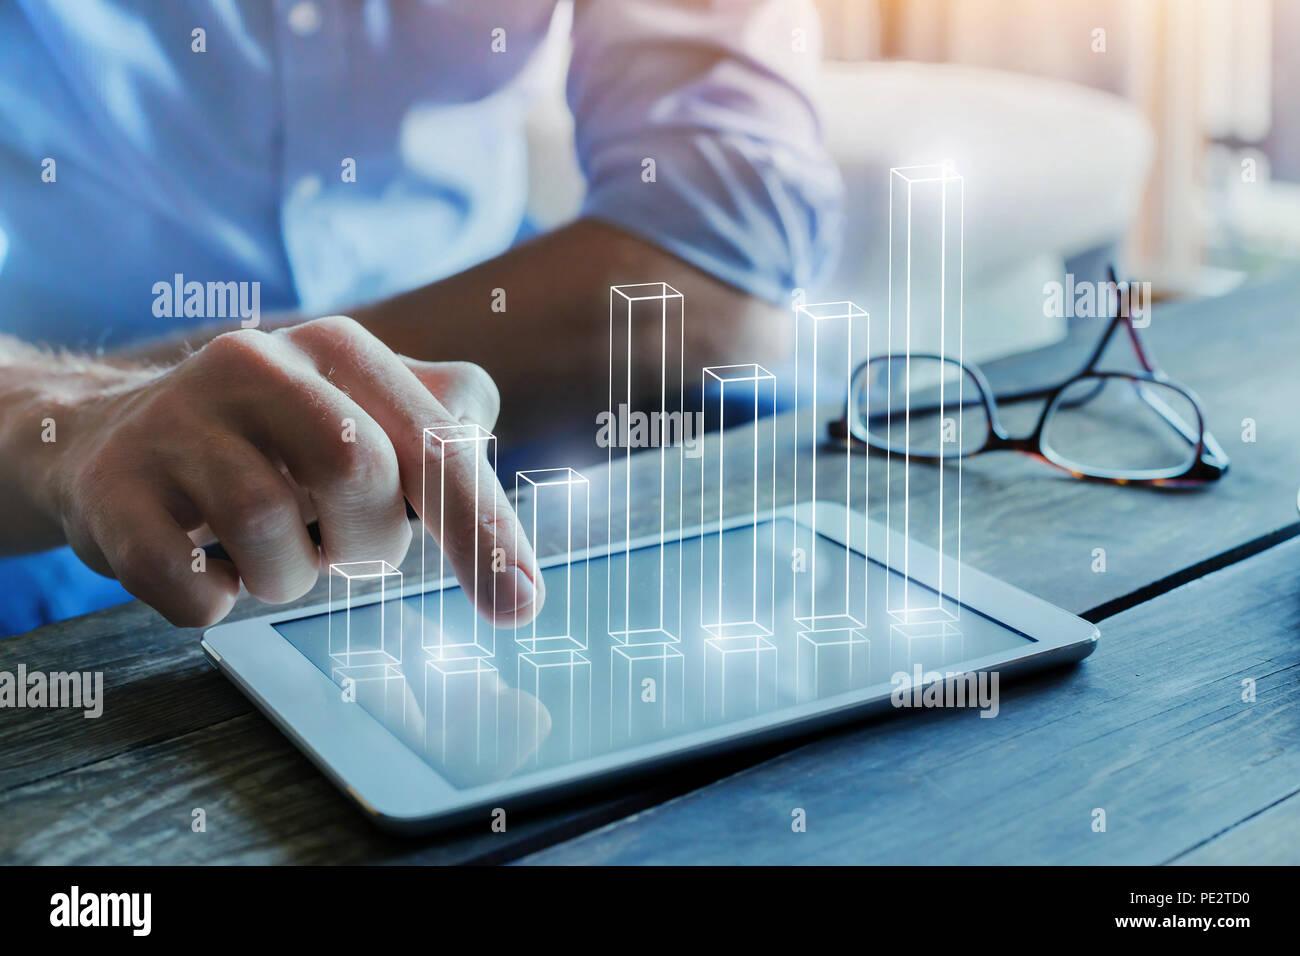 Concepto de inteligencia de negocios, análisis financiero con el gráfico de columnas 3D Imagen De Stock